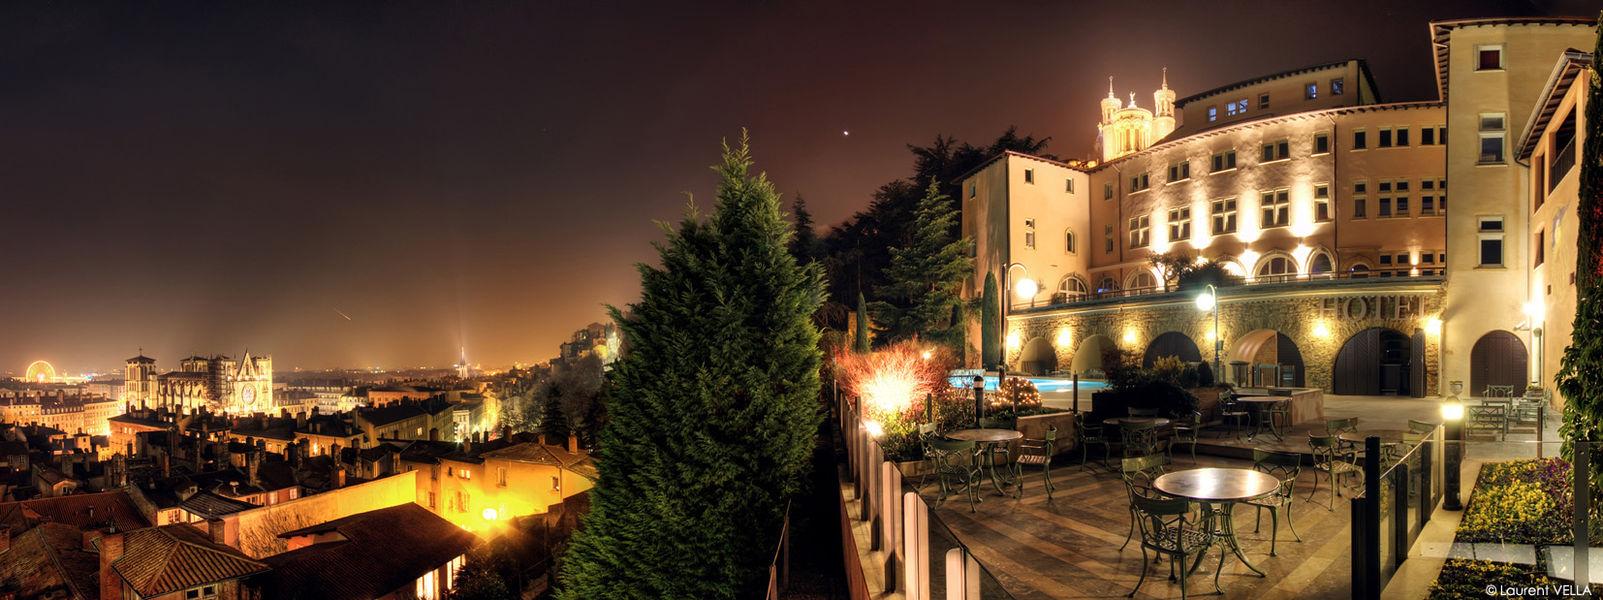 Villa Florentine ***** Villa Florentine de nuit